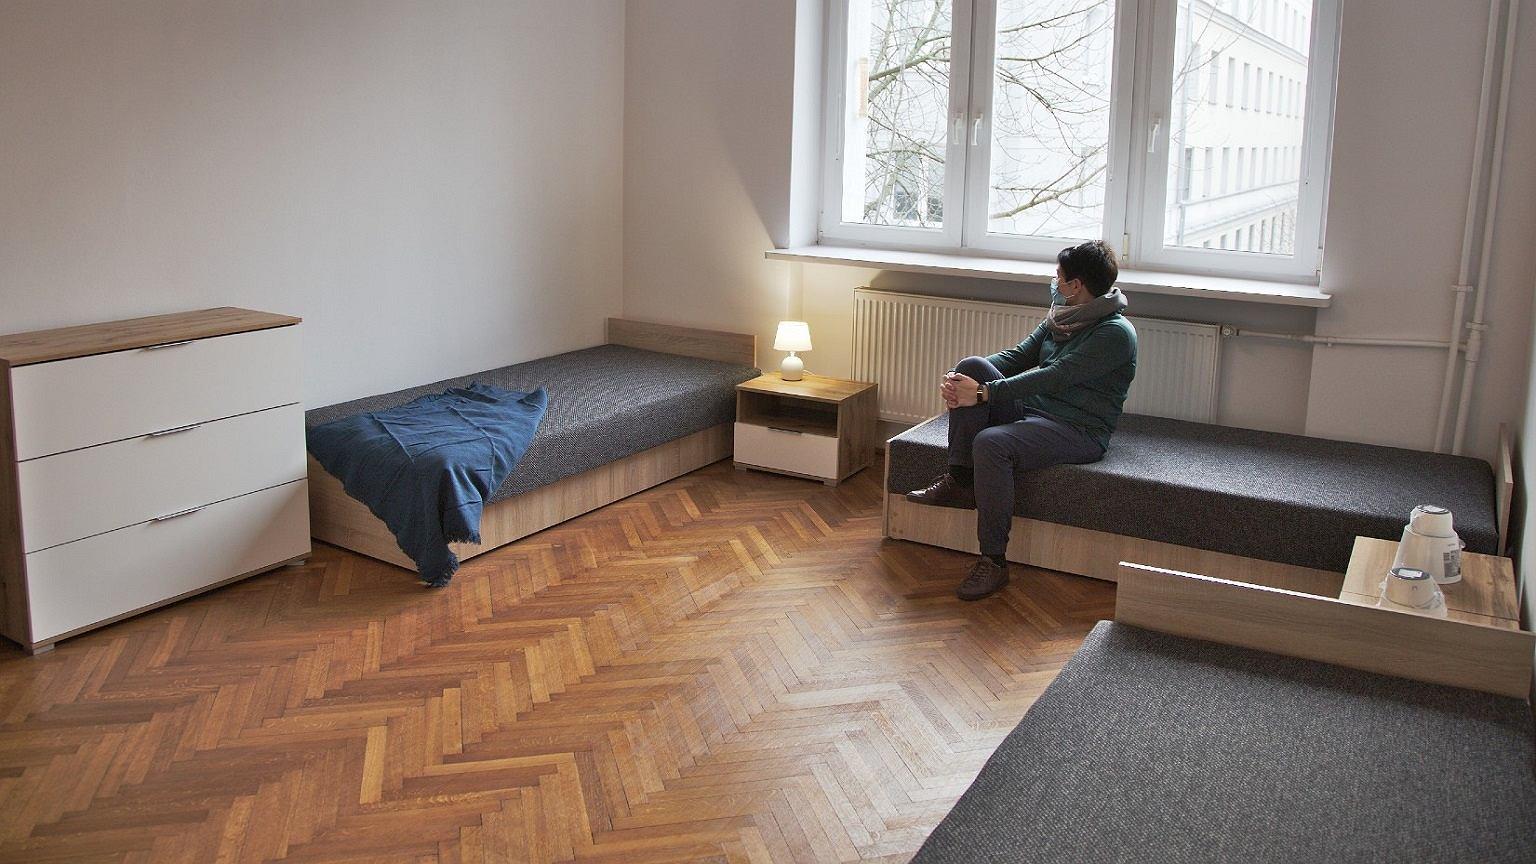 W mieszkaniach chronionych treningowych osoby chorujące psychicznie uczą się samodzielnego życia